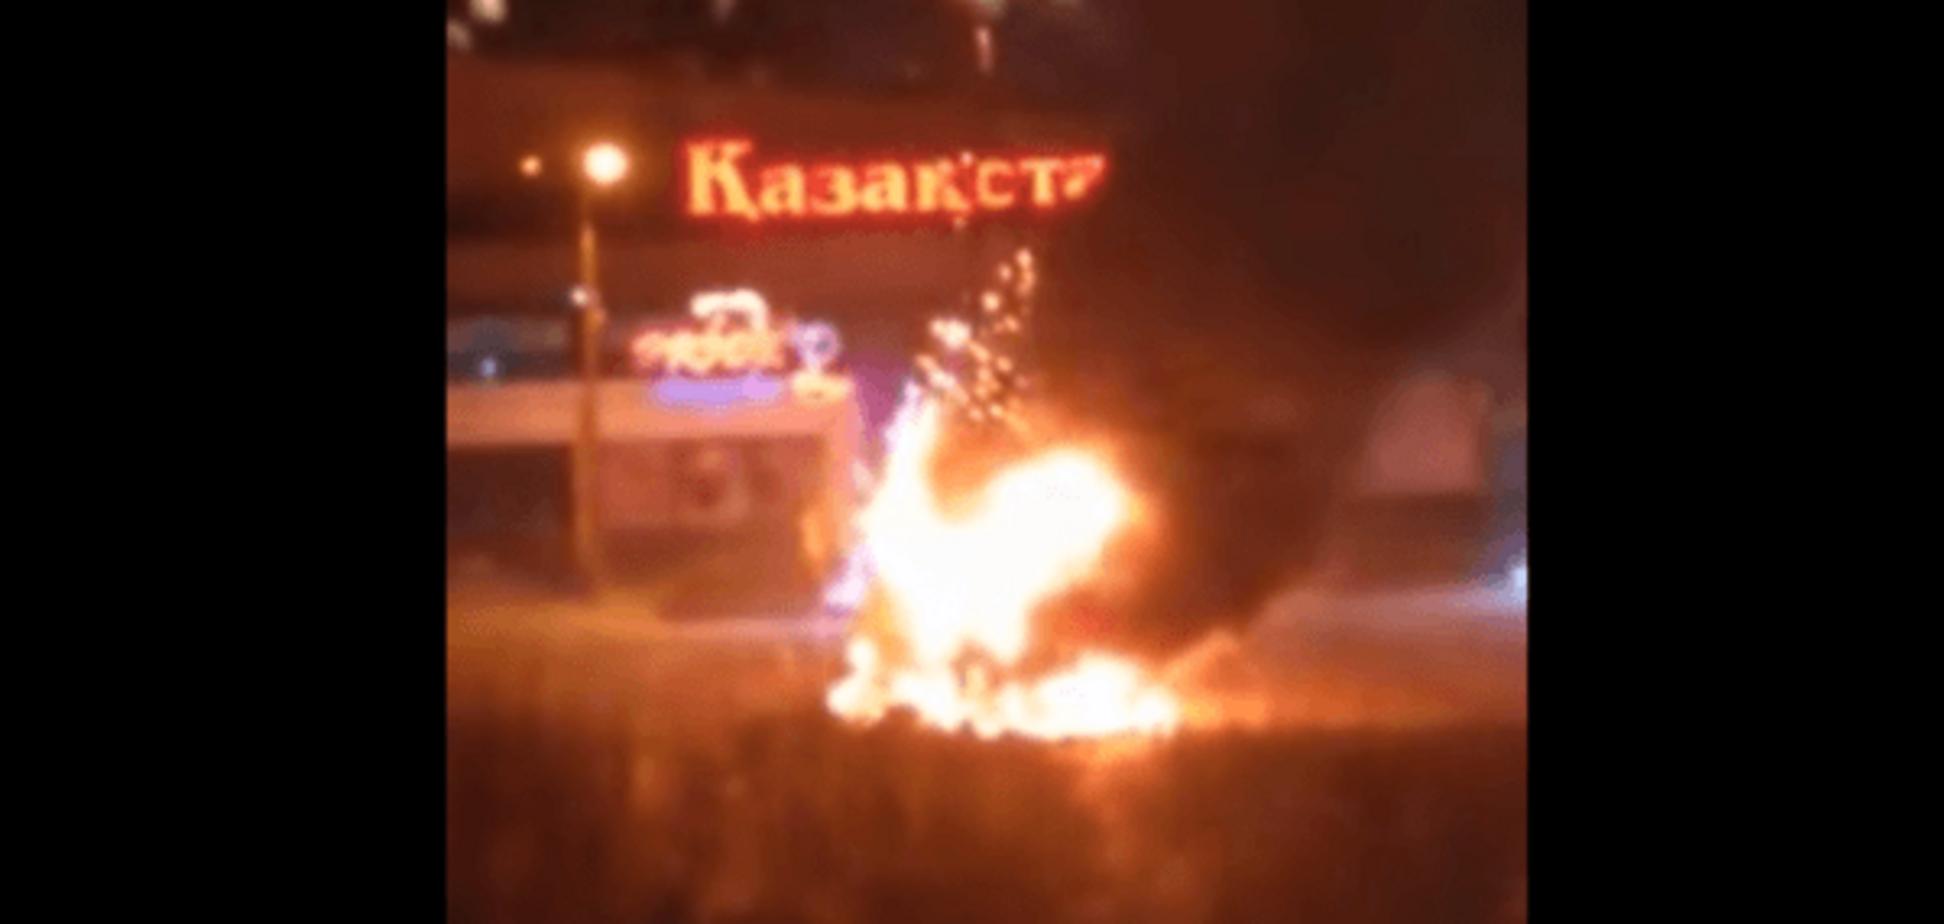 Ёлочка, гори! В Казахстане дотла сгорел главный новогодний символ страны: видеофакт